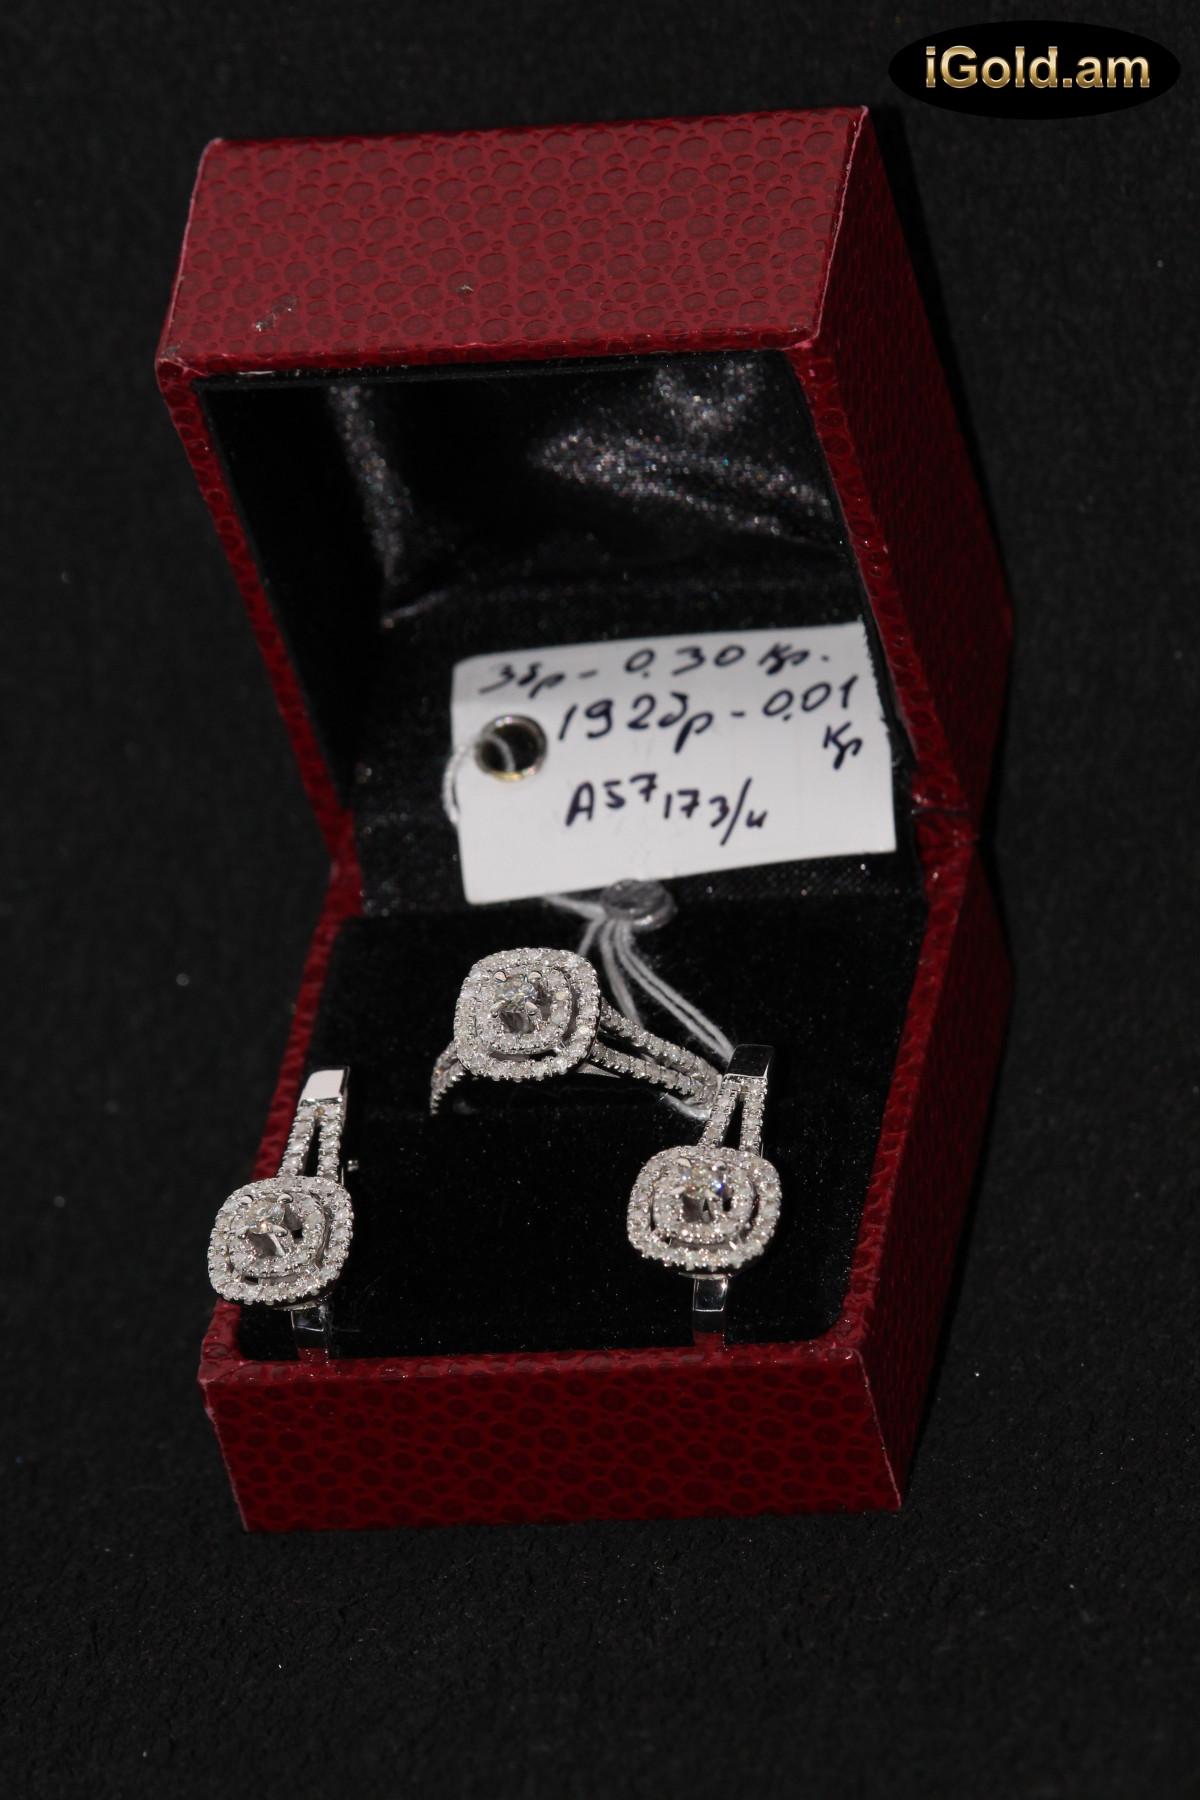 Ոսկի կանացի հավաքածու ադամանդով - 10 գր - կոդ 105-147 voski kanaci havaqacu adamandov - 10 gr